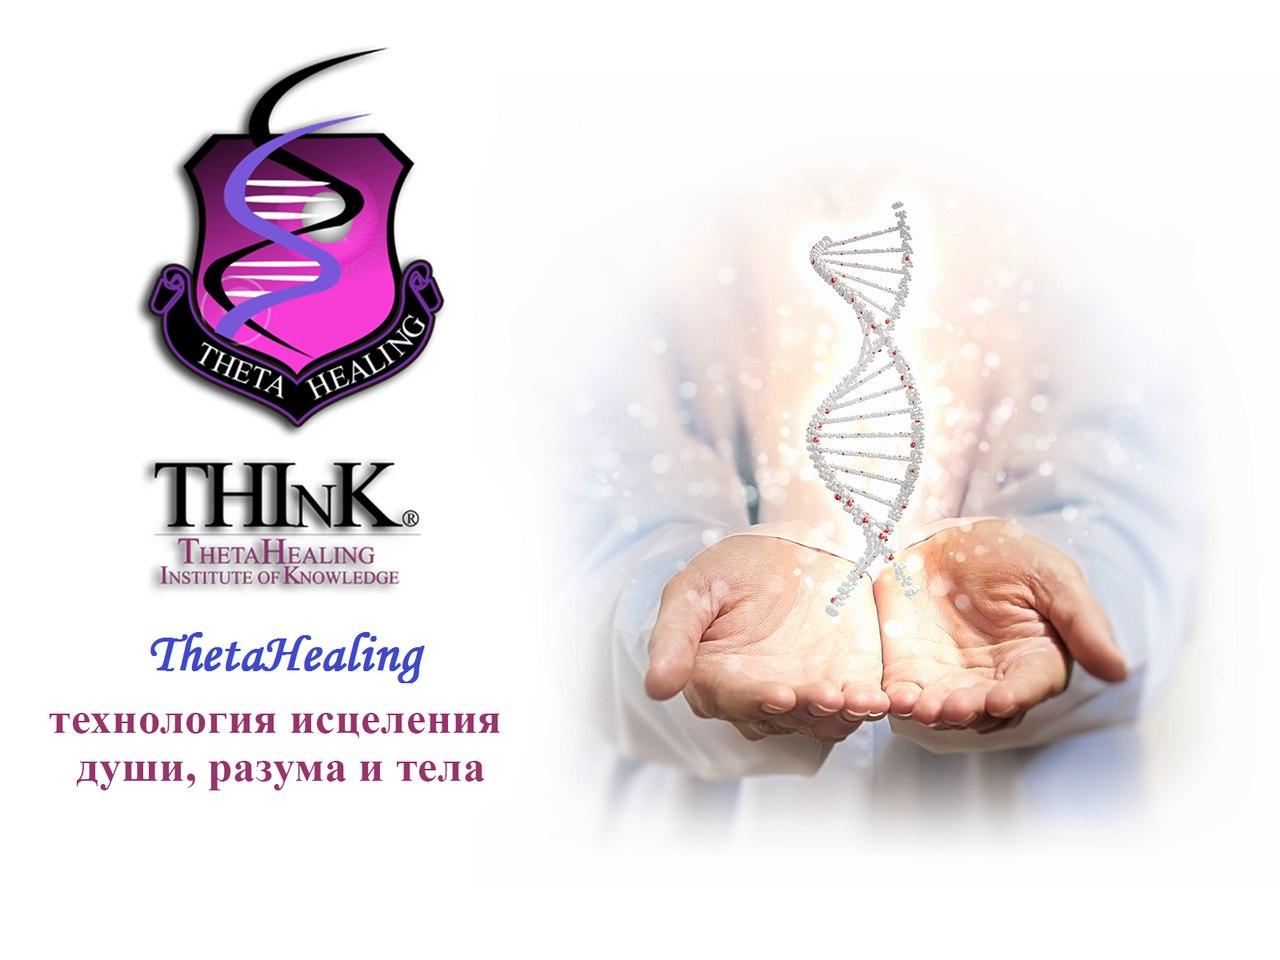 О тетахилинге - центр личностного развития мир